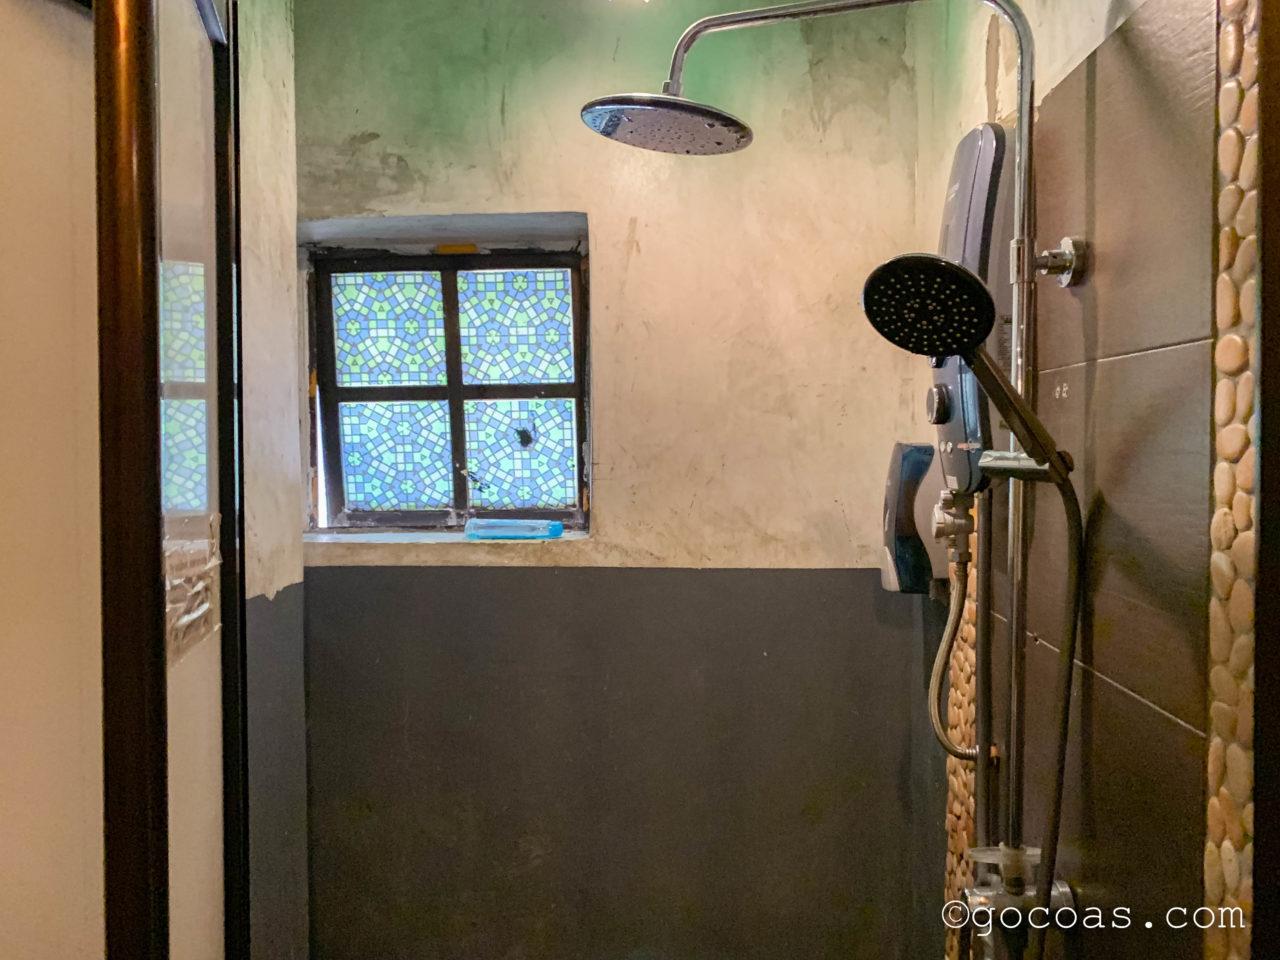 ザ エクスプローラー ゲストハウスの共用バスルームのシャワー